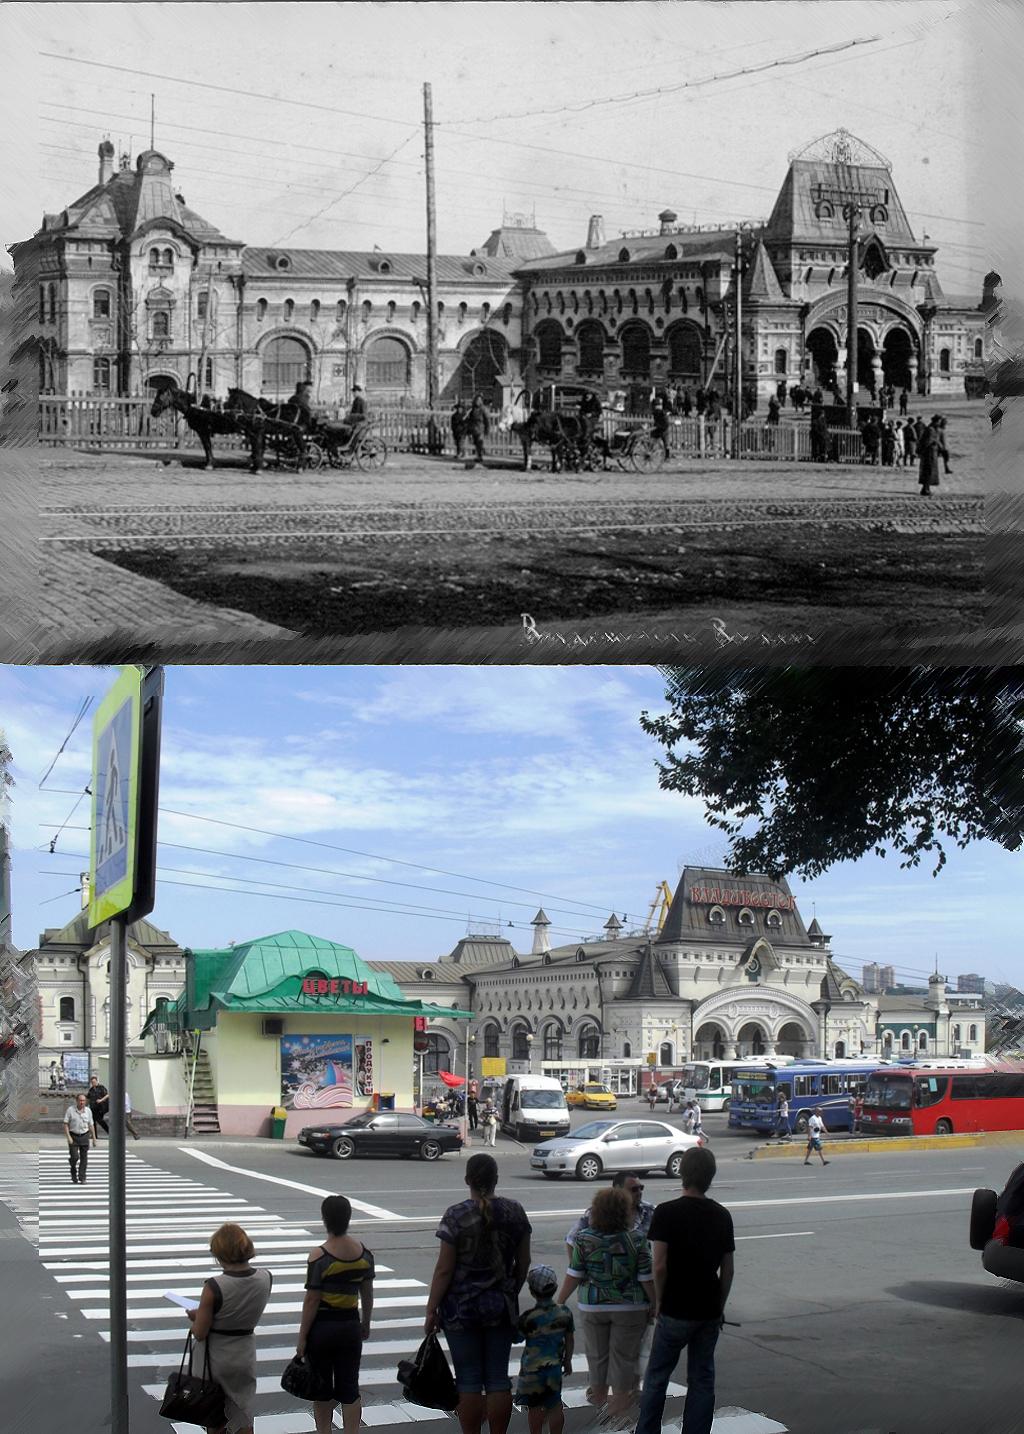 железнодорожный вокзал (3)